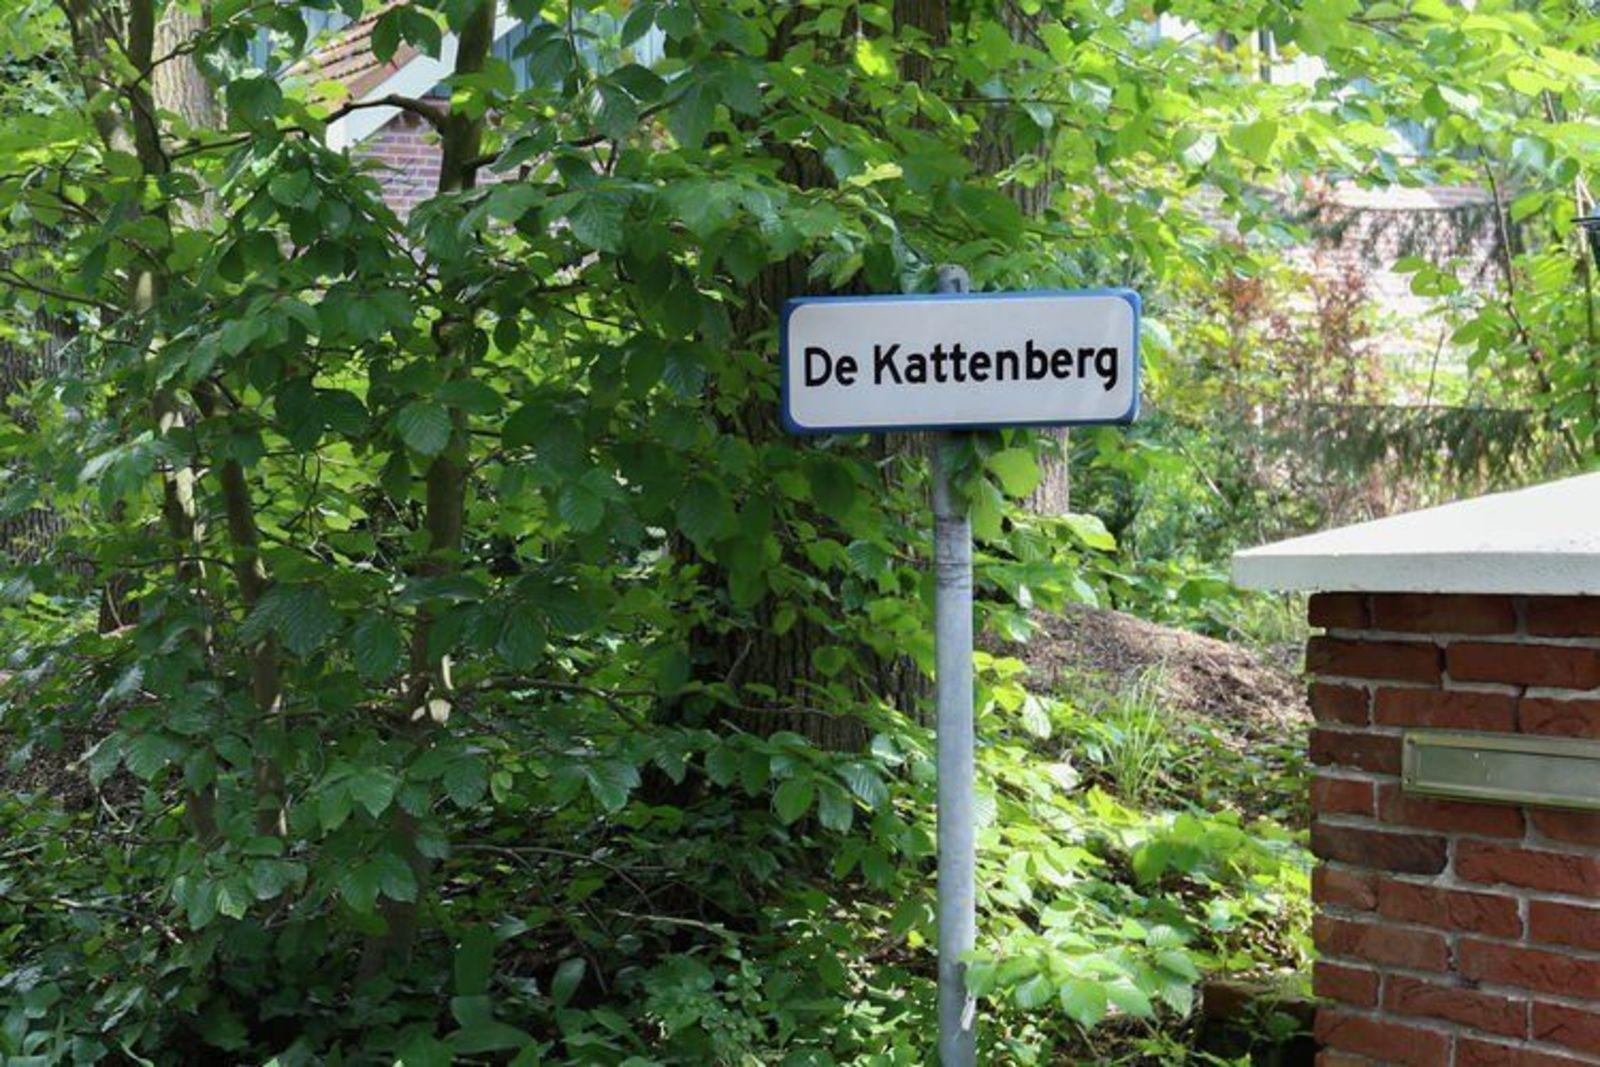 De Kattenberg 8 persoons